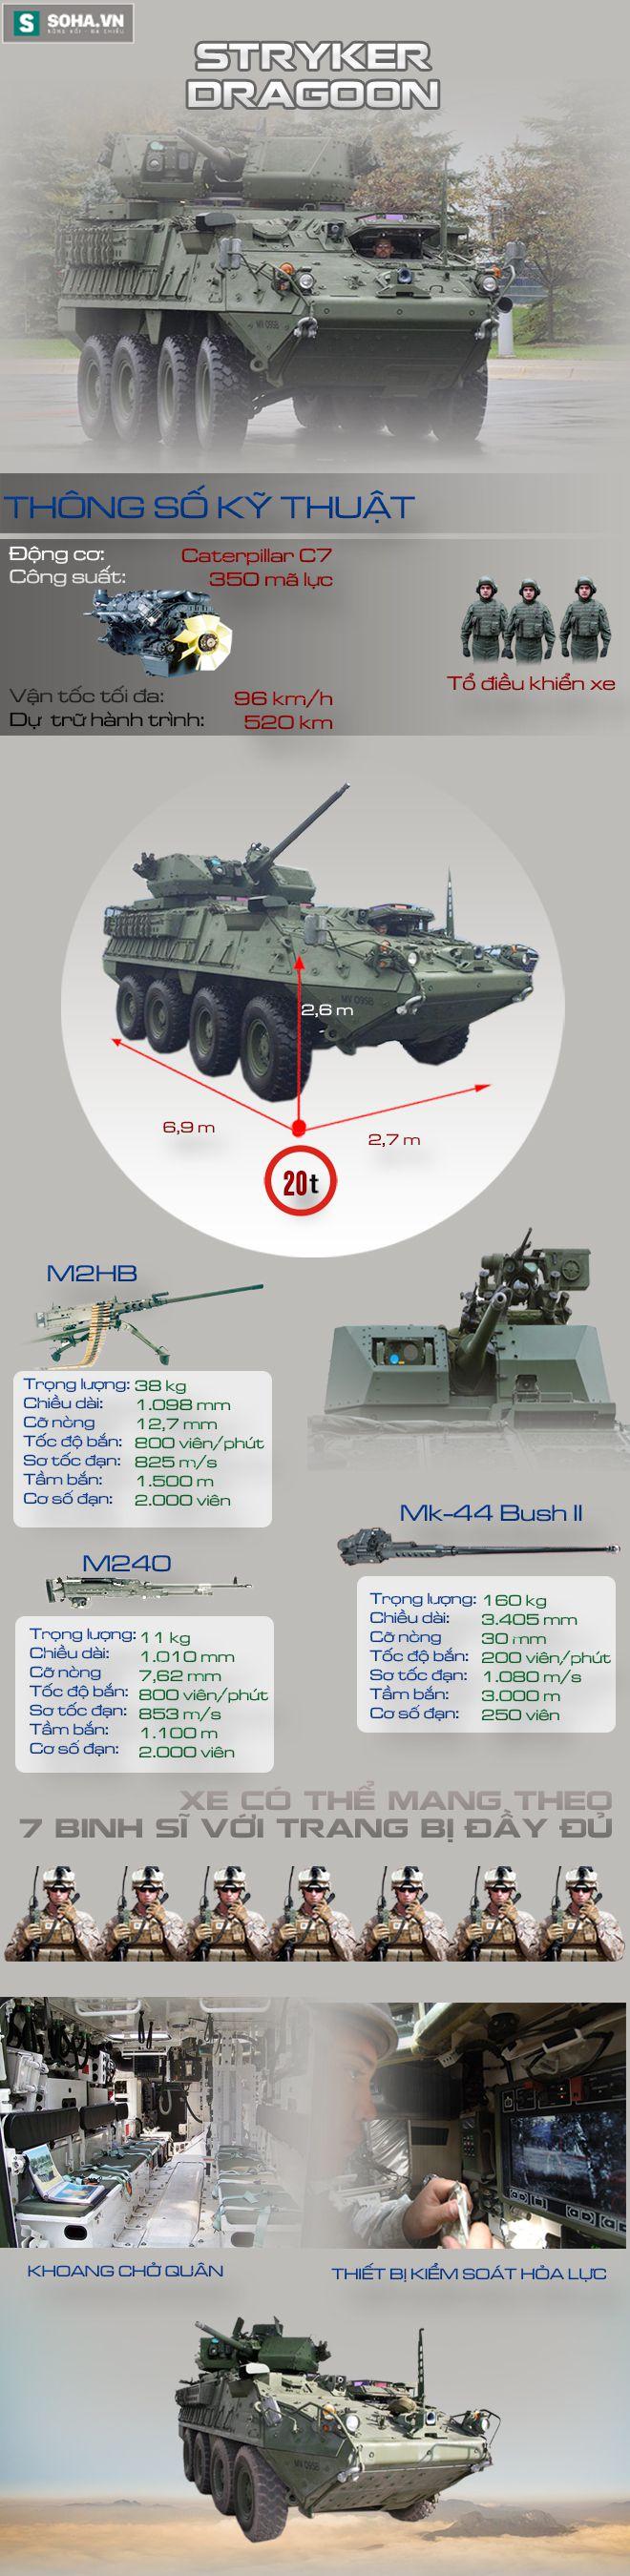 Thiết giáp Stryker Dragoon Mỹ mang tới châu Âu quyết đấu Nga có gì đặc biệt? - Ảnh 1.